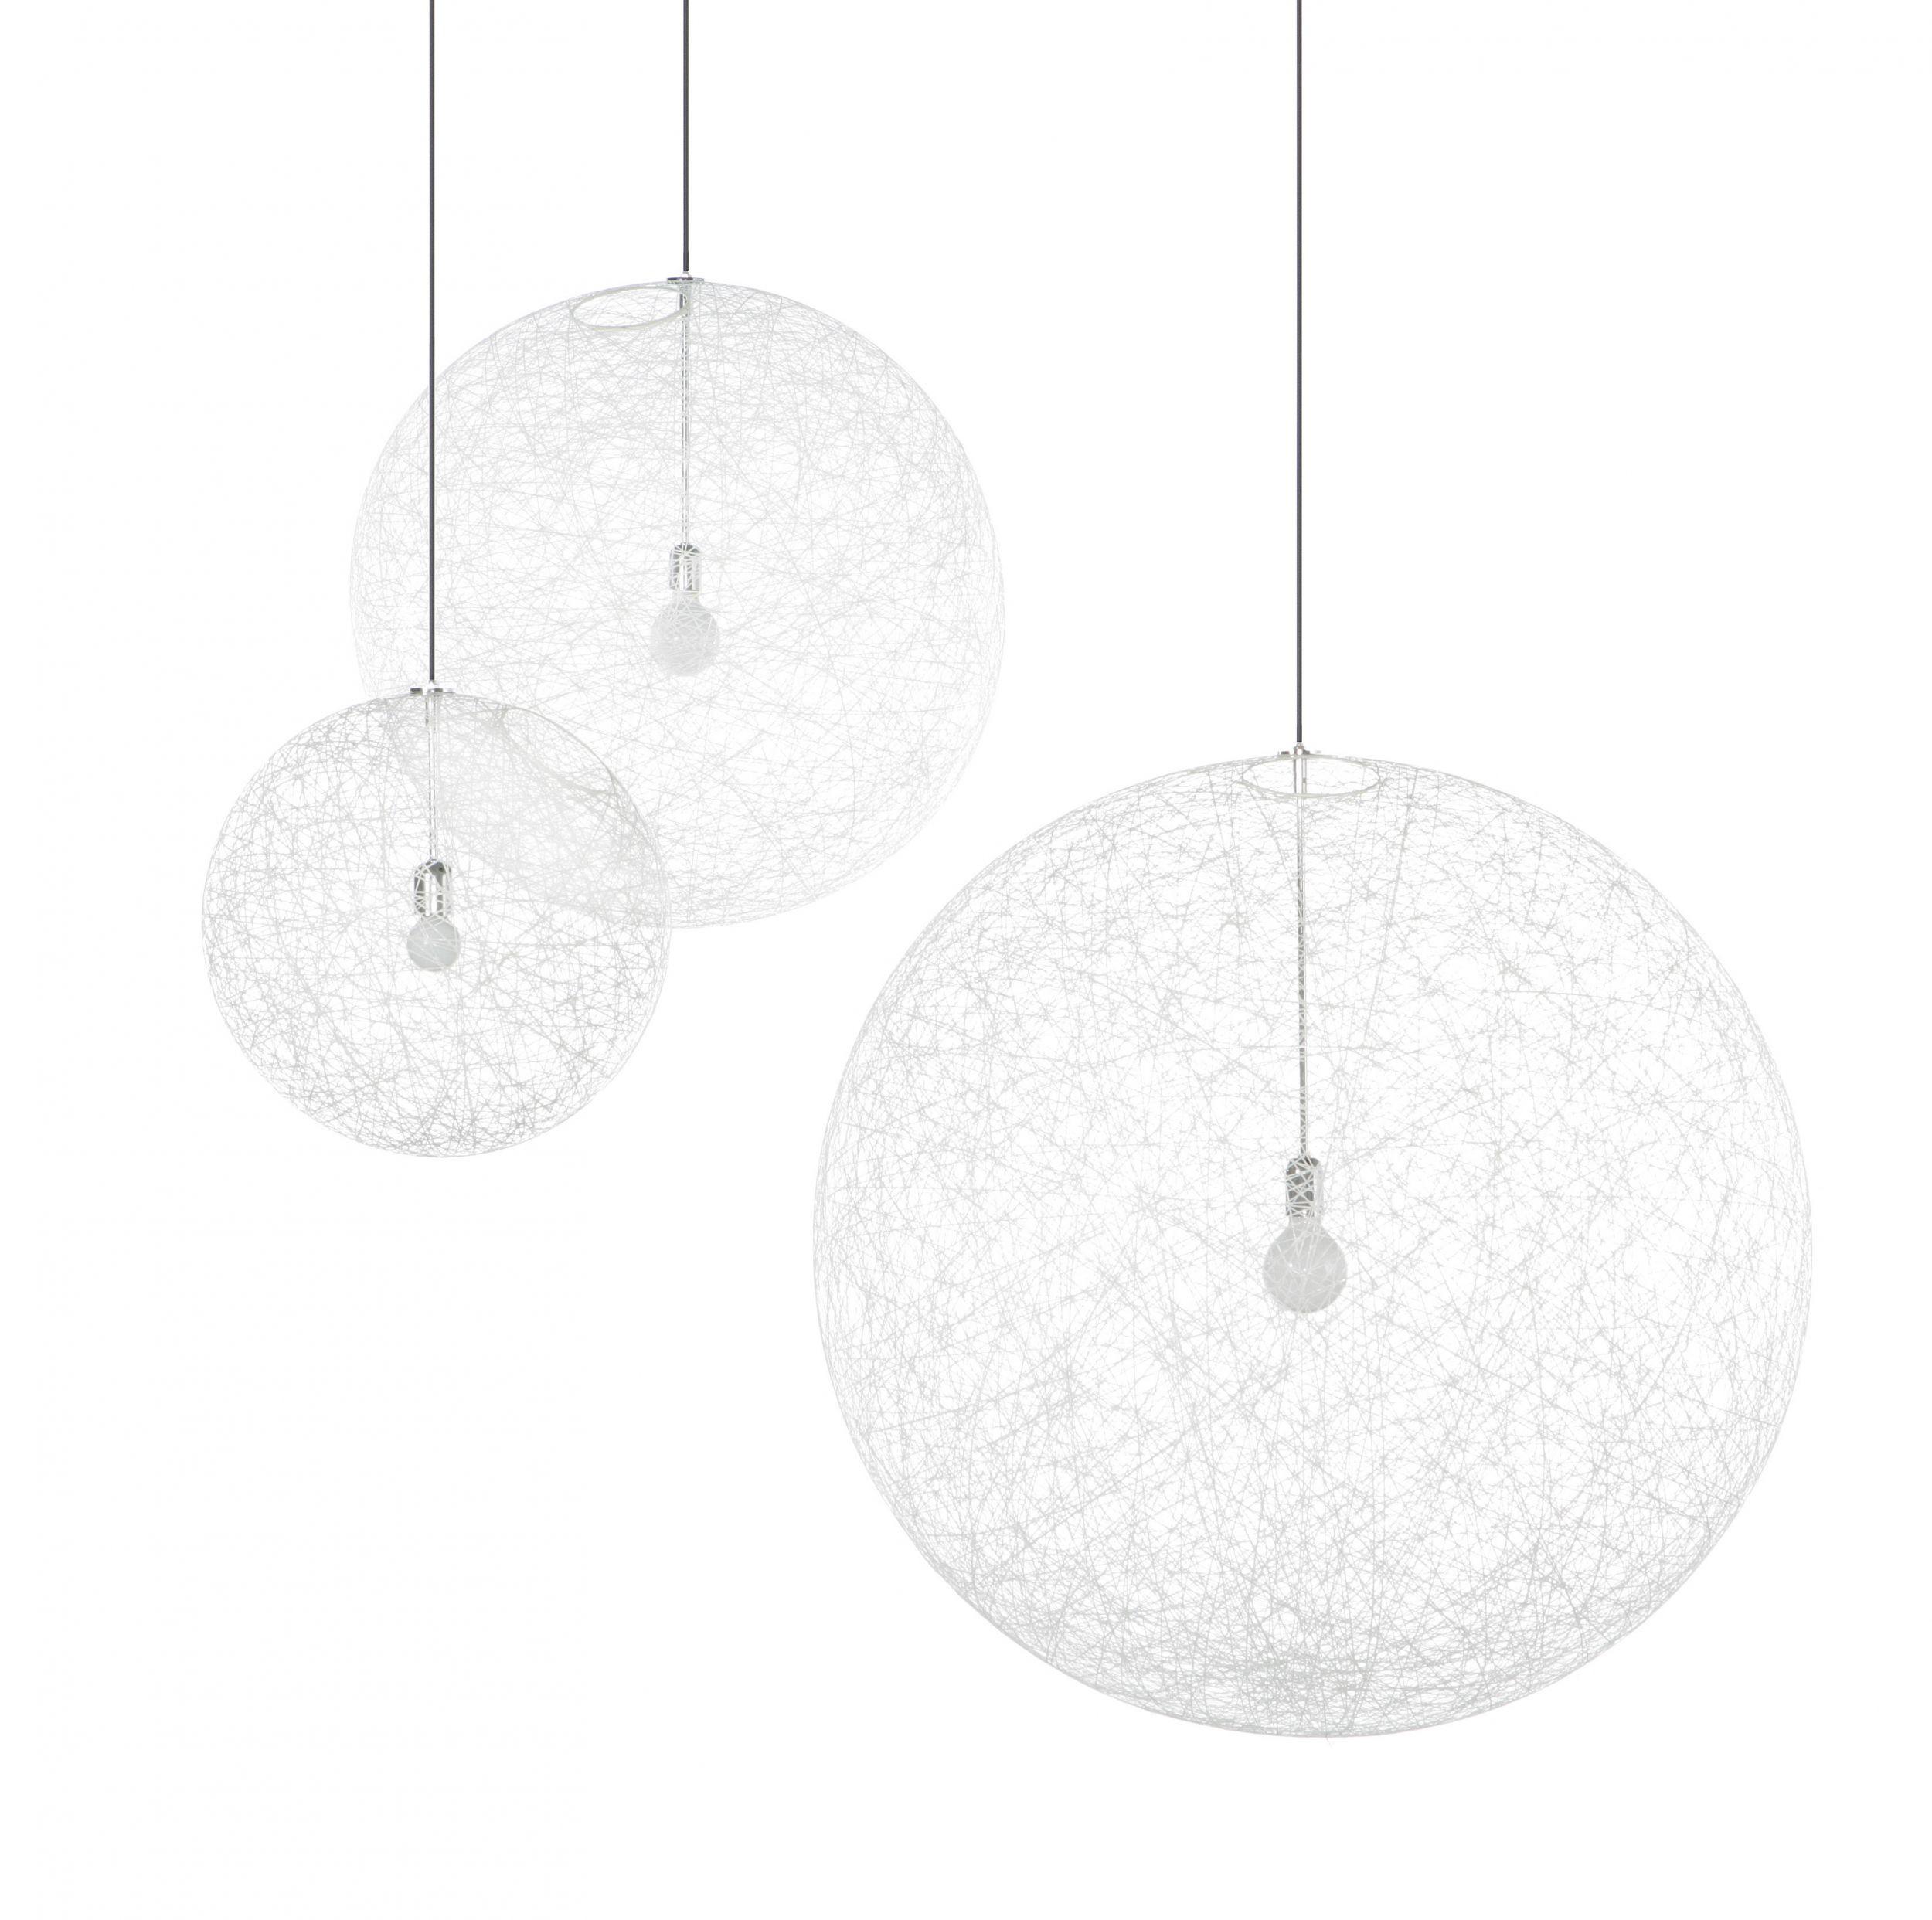 moooi random light pendel loftslampe i hvid eller sort. Black Bedroom Furniture Sets. Home Design Ideas